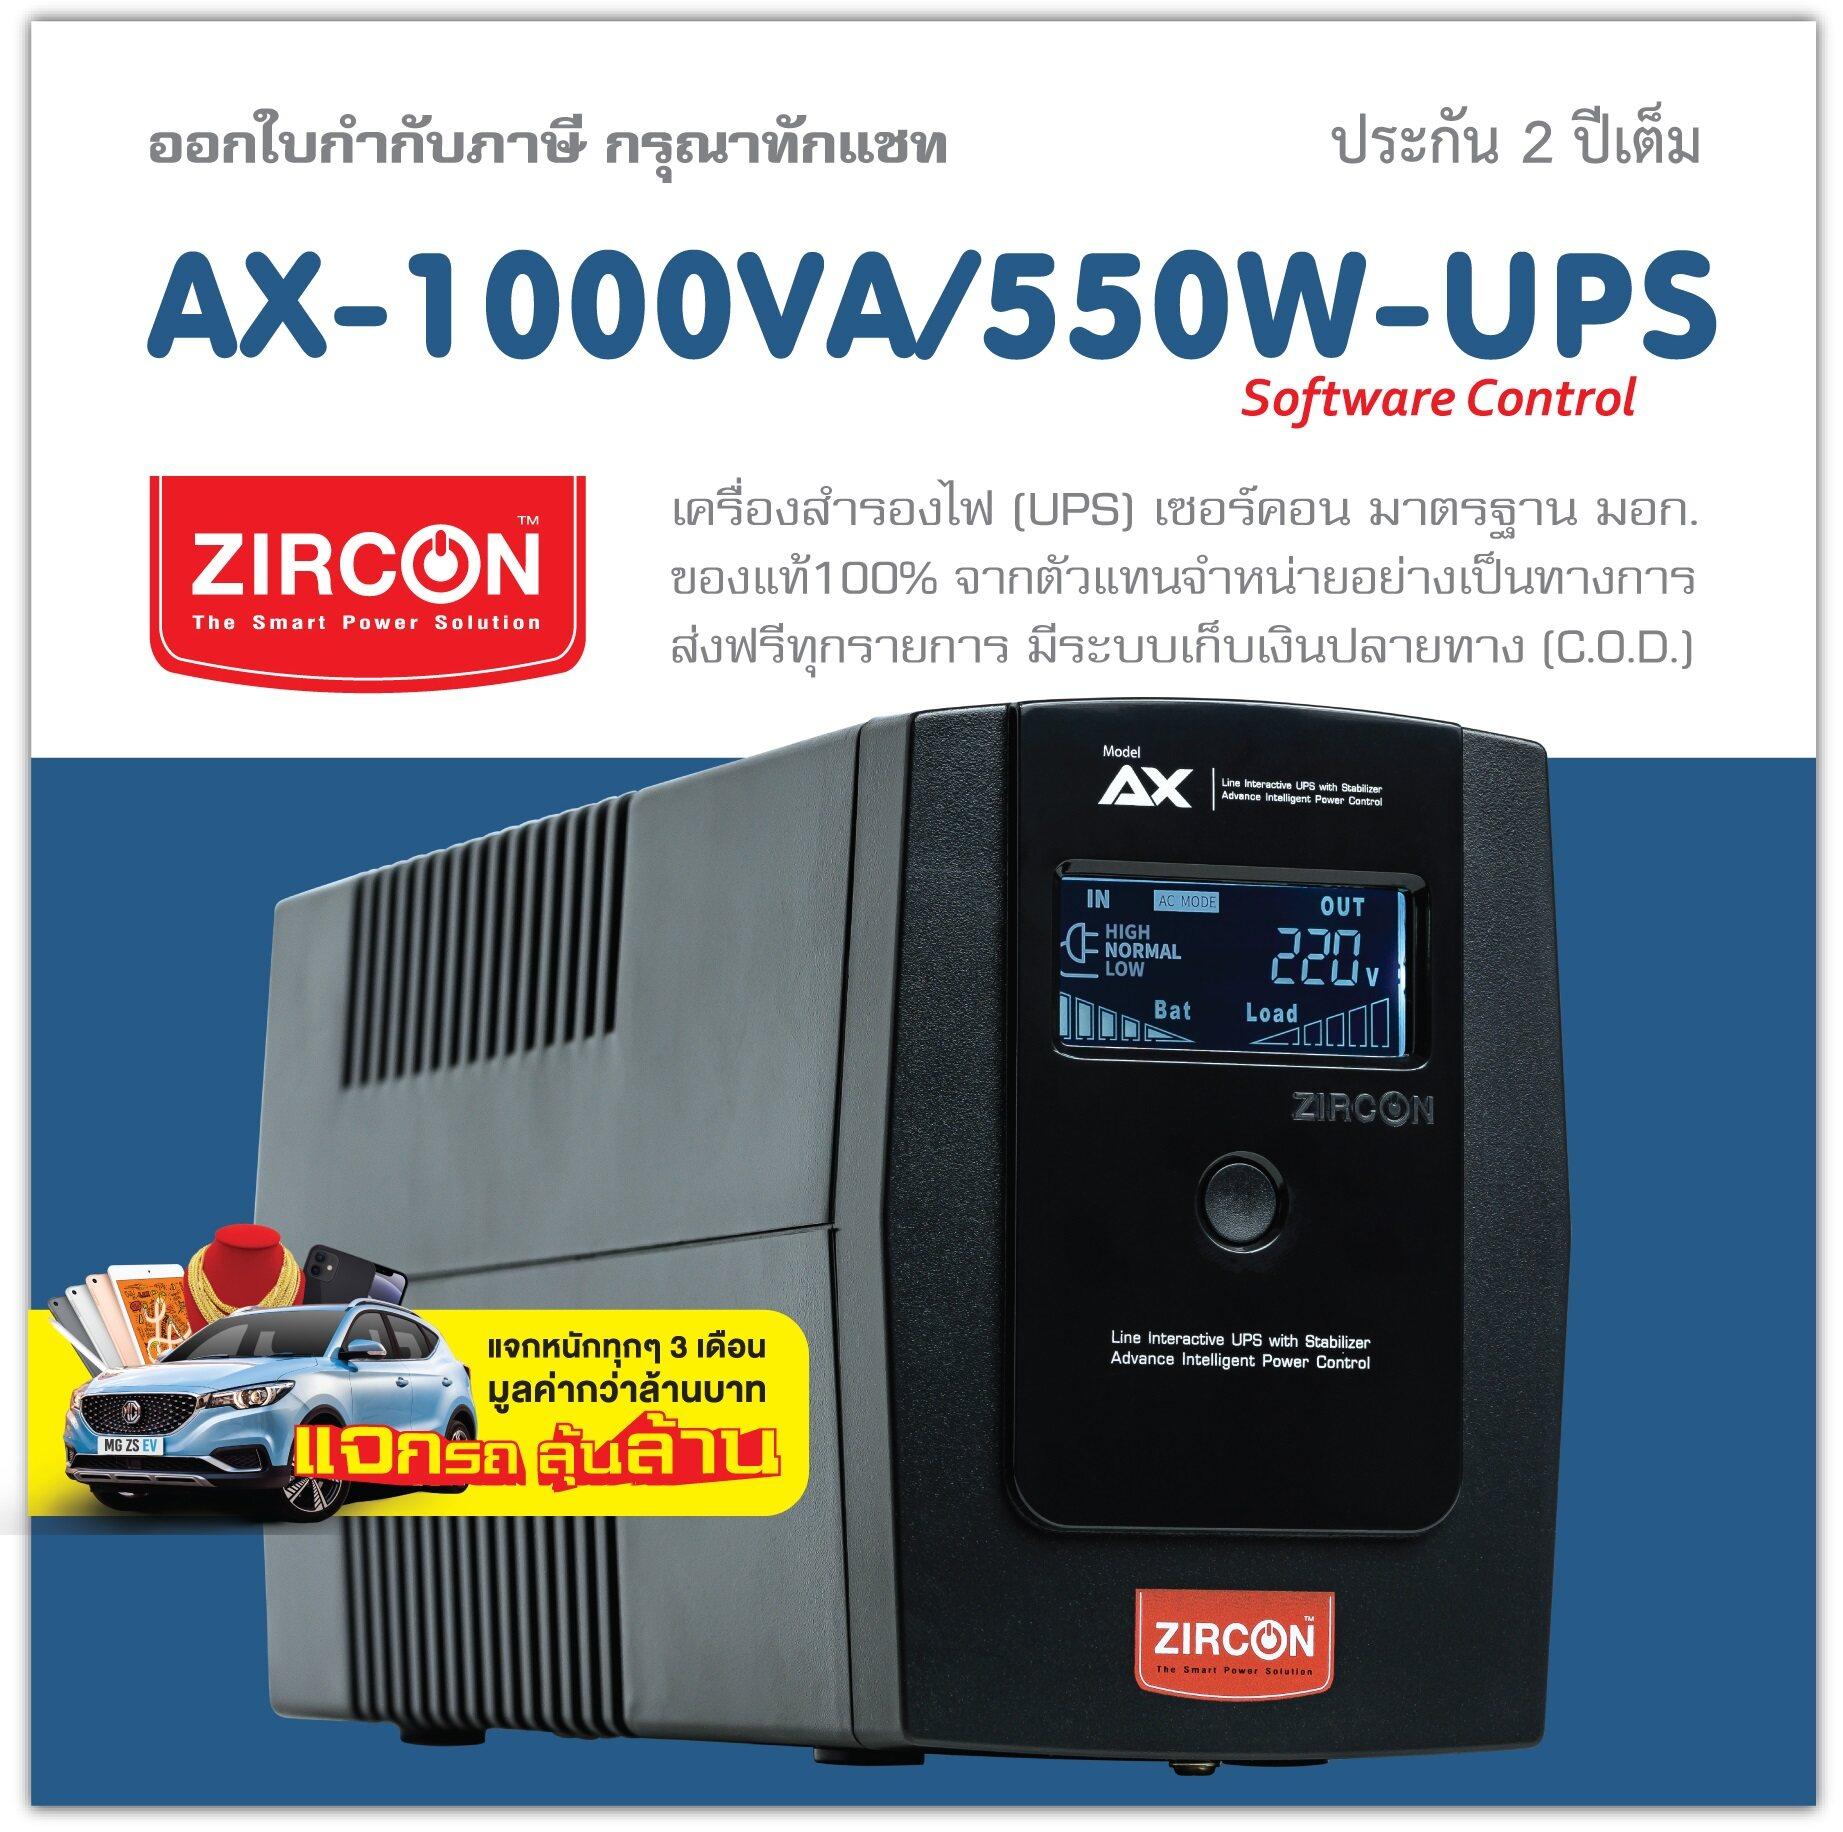 ช็อคราคาจำนวนจำกัด! Ax-1000va/550w Ups Zircon ราคาสุดพิเศษ มีหน้าจอดิจิทัล ประกัน 2 ปี [zirconแจกรถลุ้นล้าน].